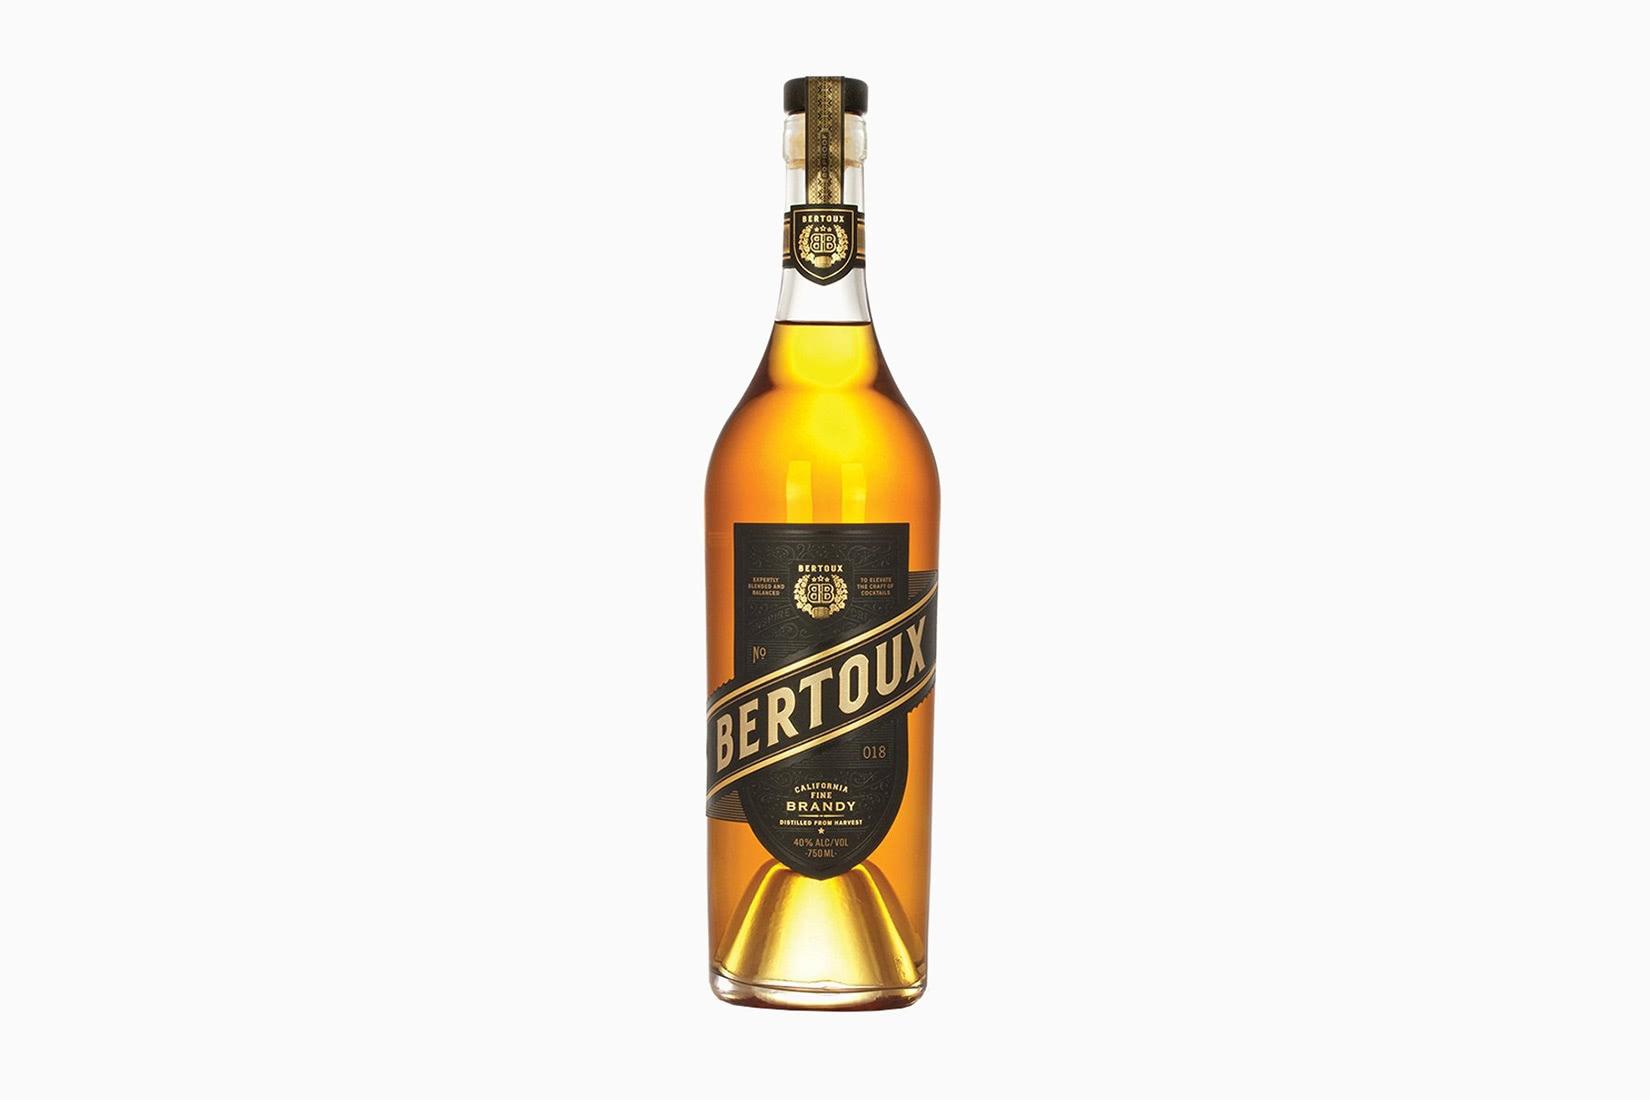 best brandy cognac brands bertoux - Luxe Digital